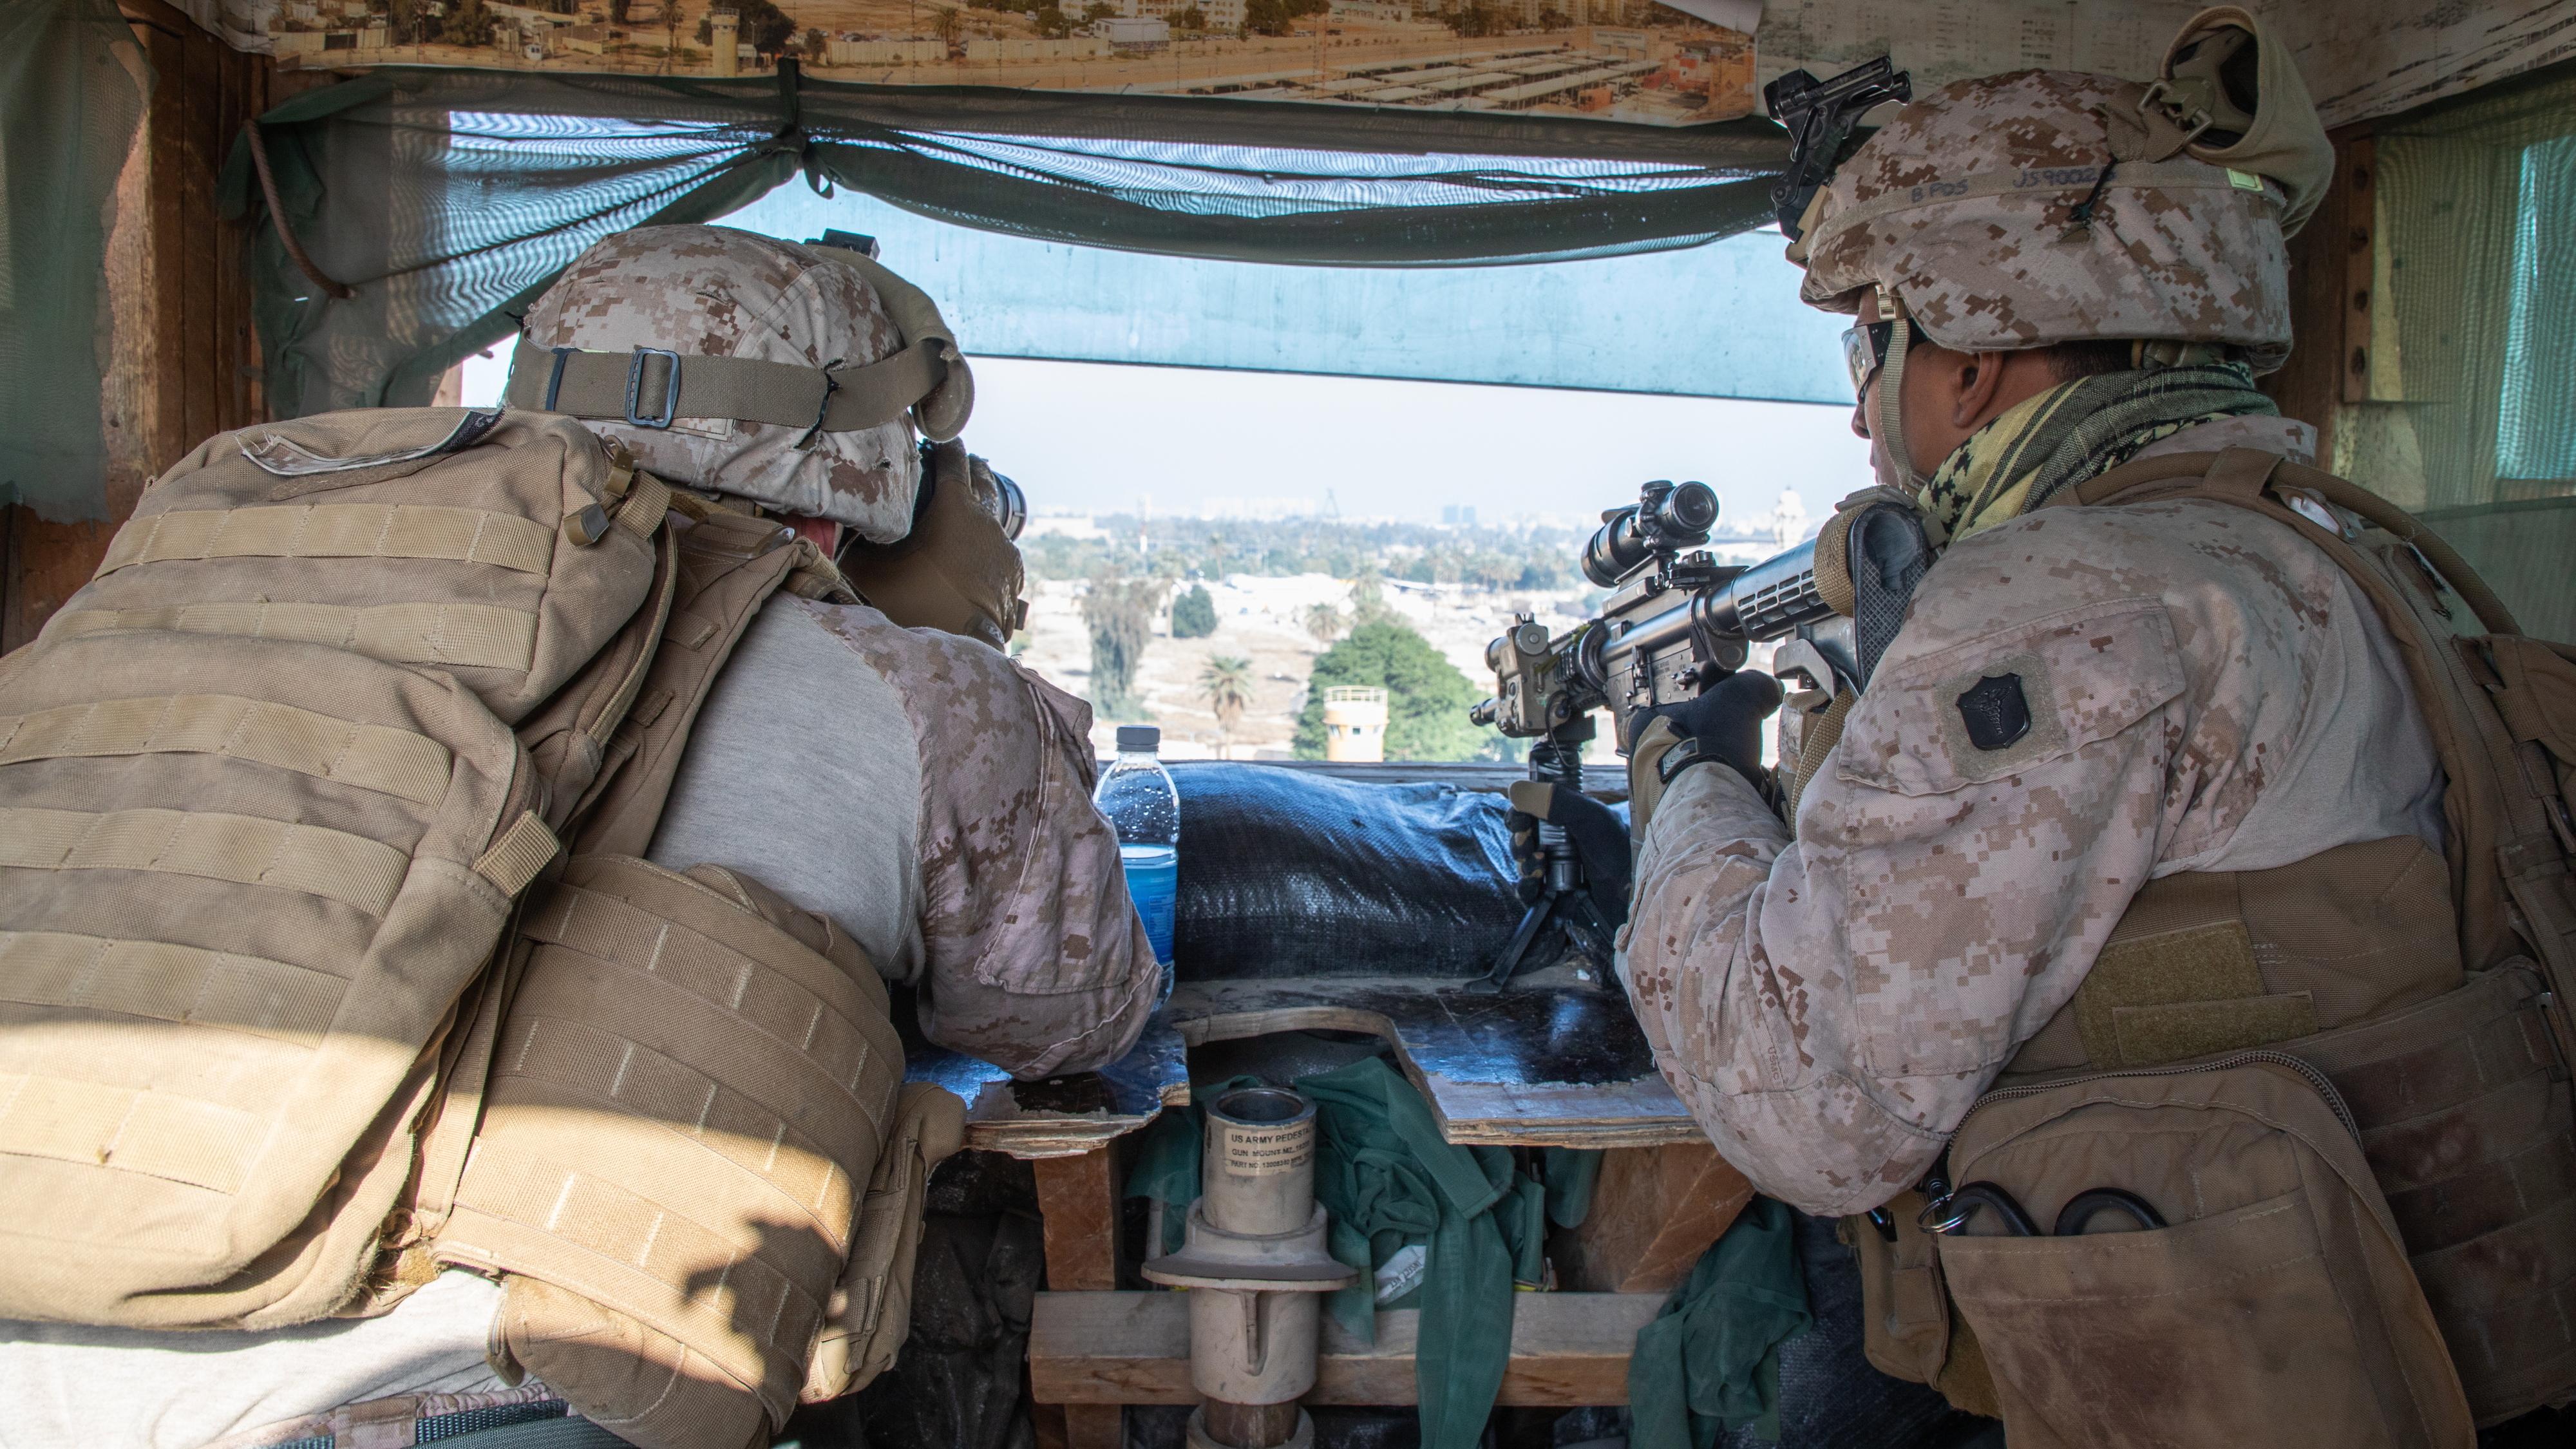 Três granadas-foguete atingem embaixada dos EUA no Iraque sem causar feridos